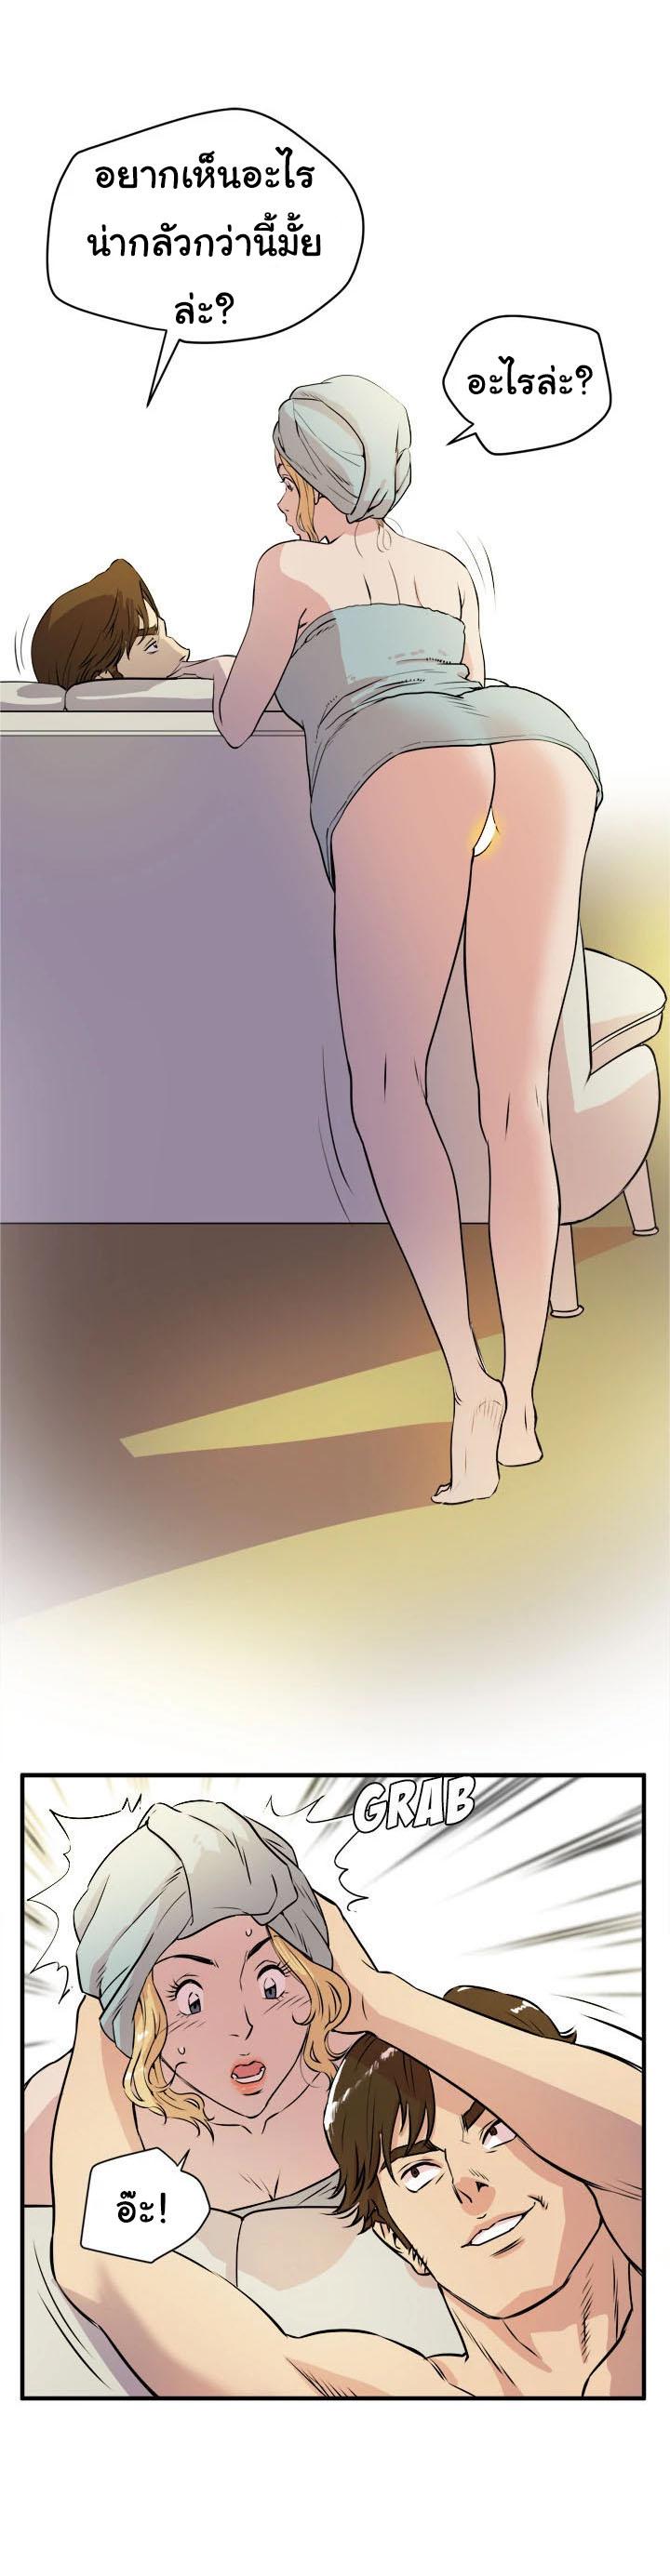 รับฝึกเมียให้เป็นงาน 11 ภาพ 24